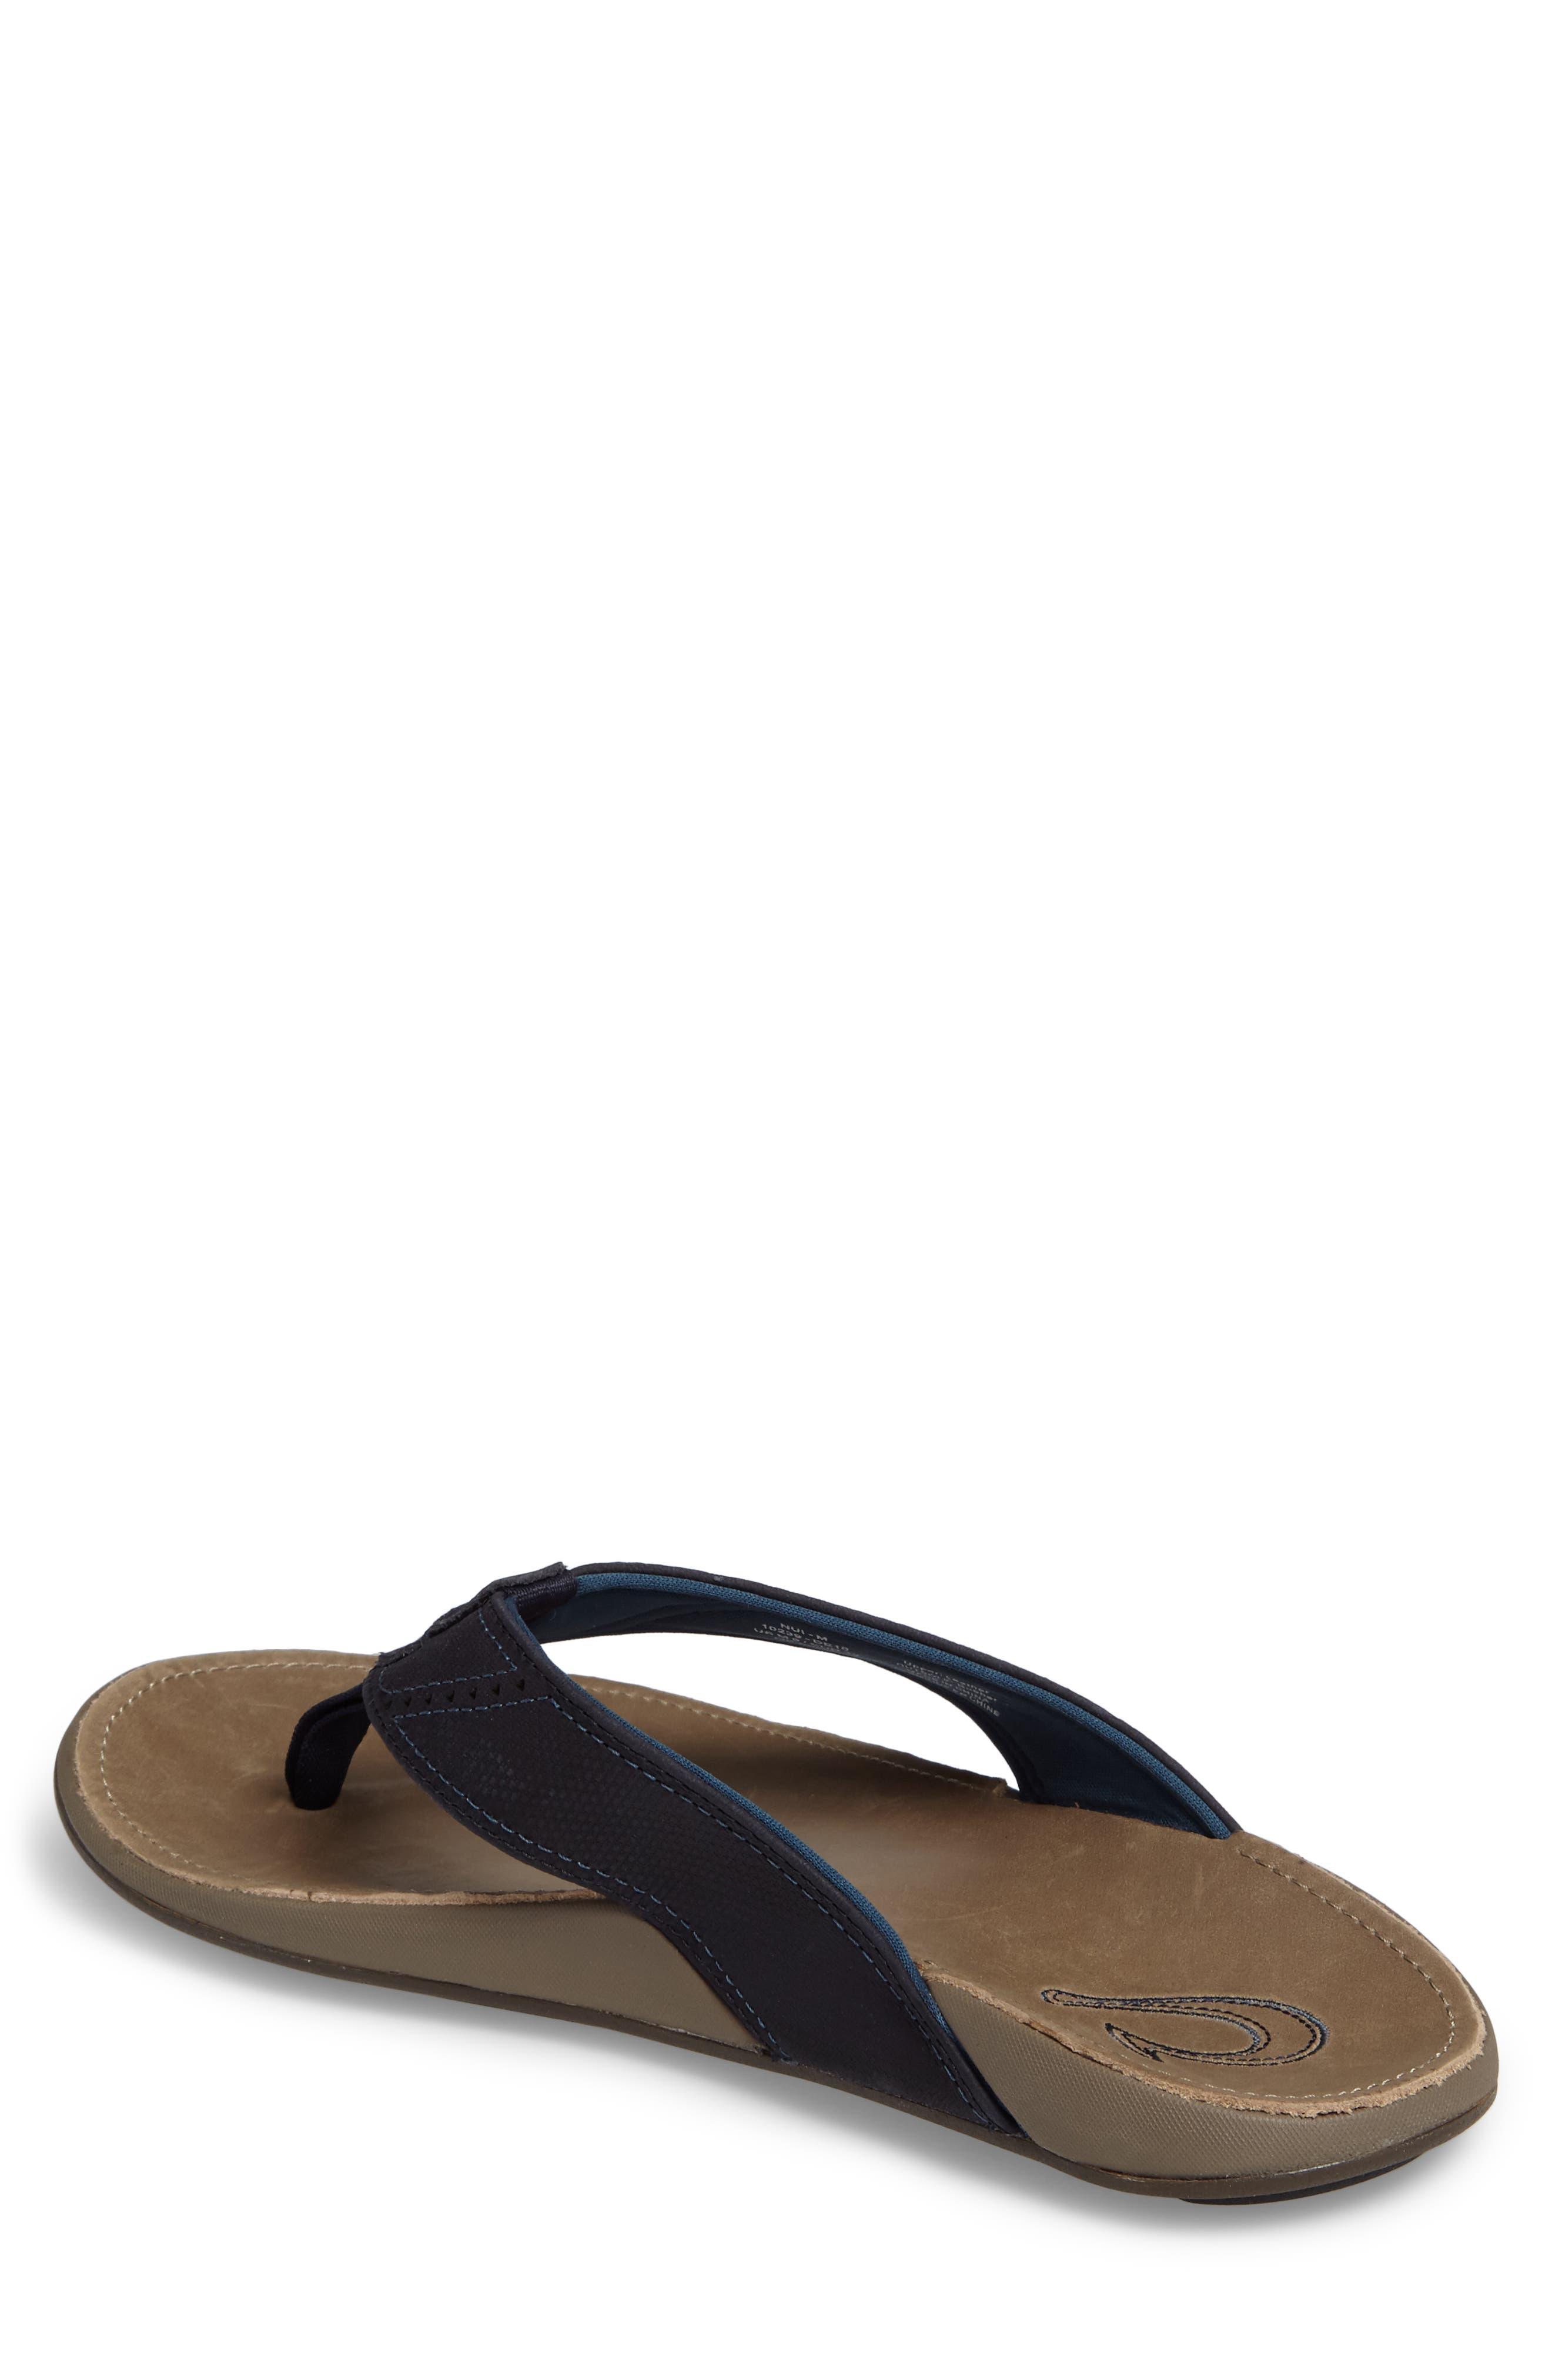 Alternate Image 2  - OluKai 'Nui' Leather Flip Flop (Men)